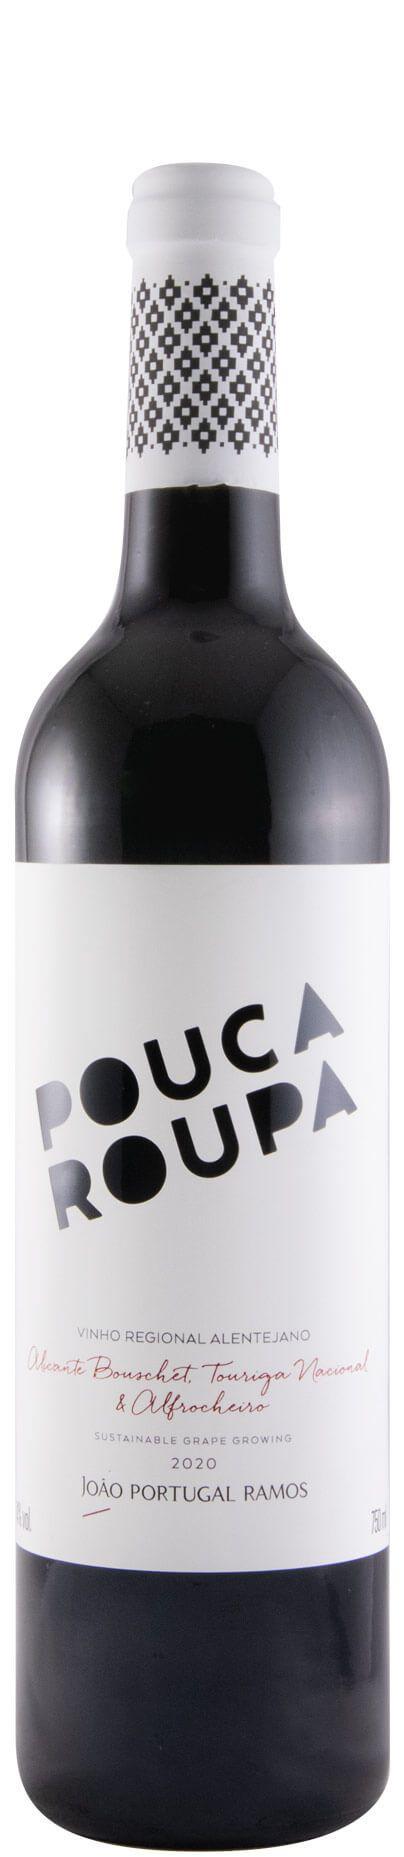 2020 João Portugal Ramos Pouca Roupa tinto